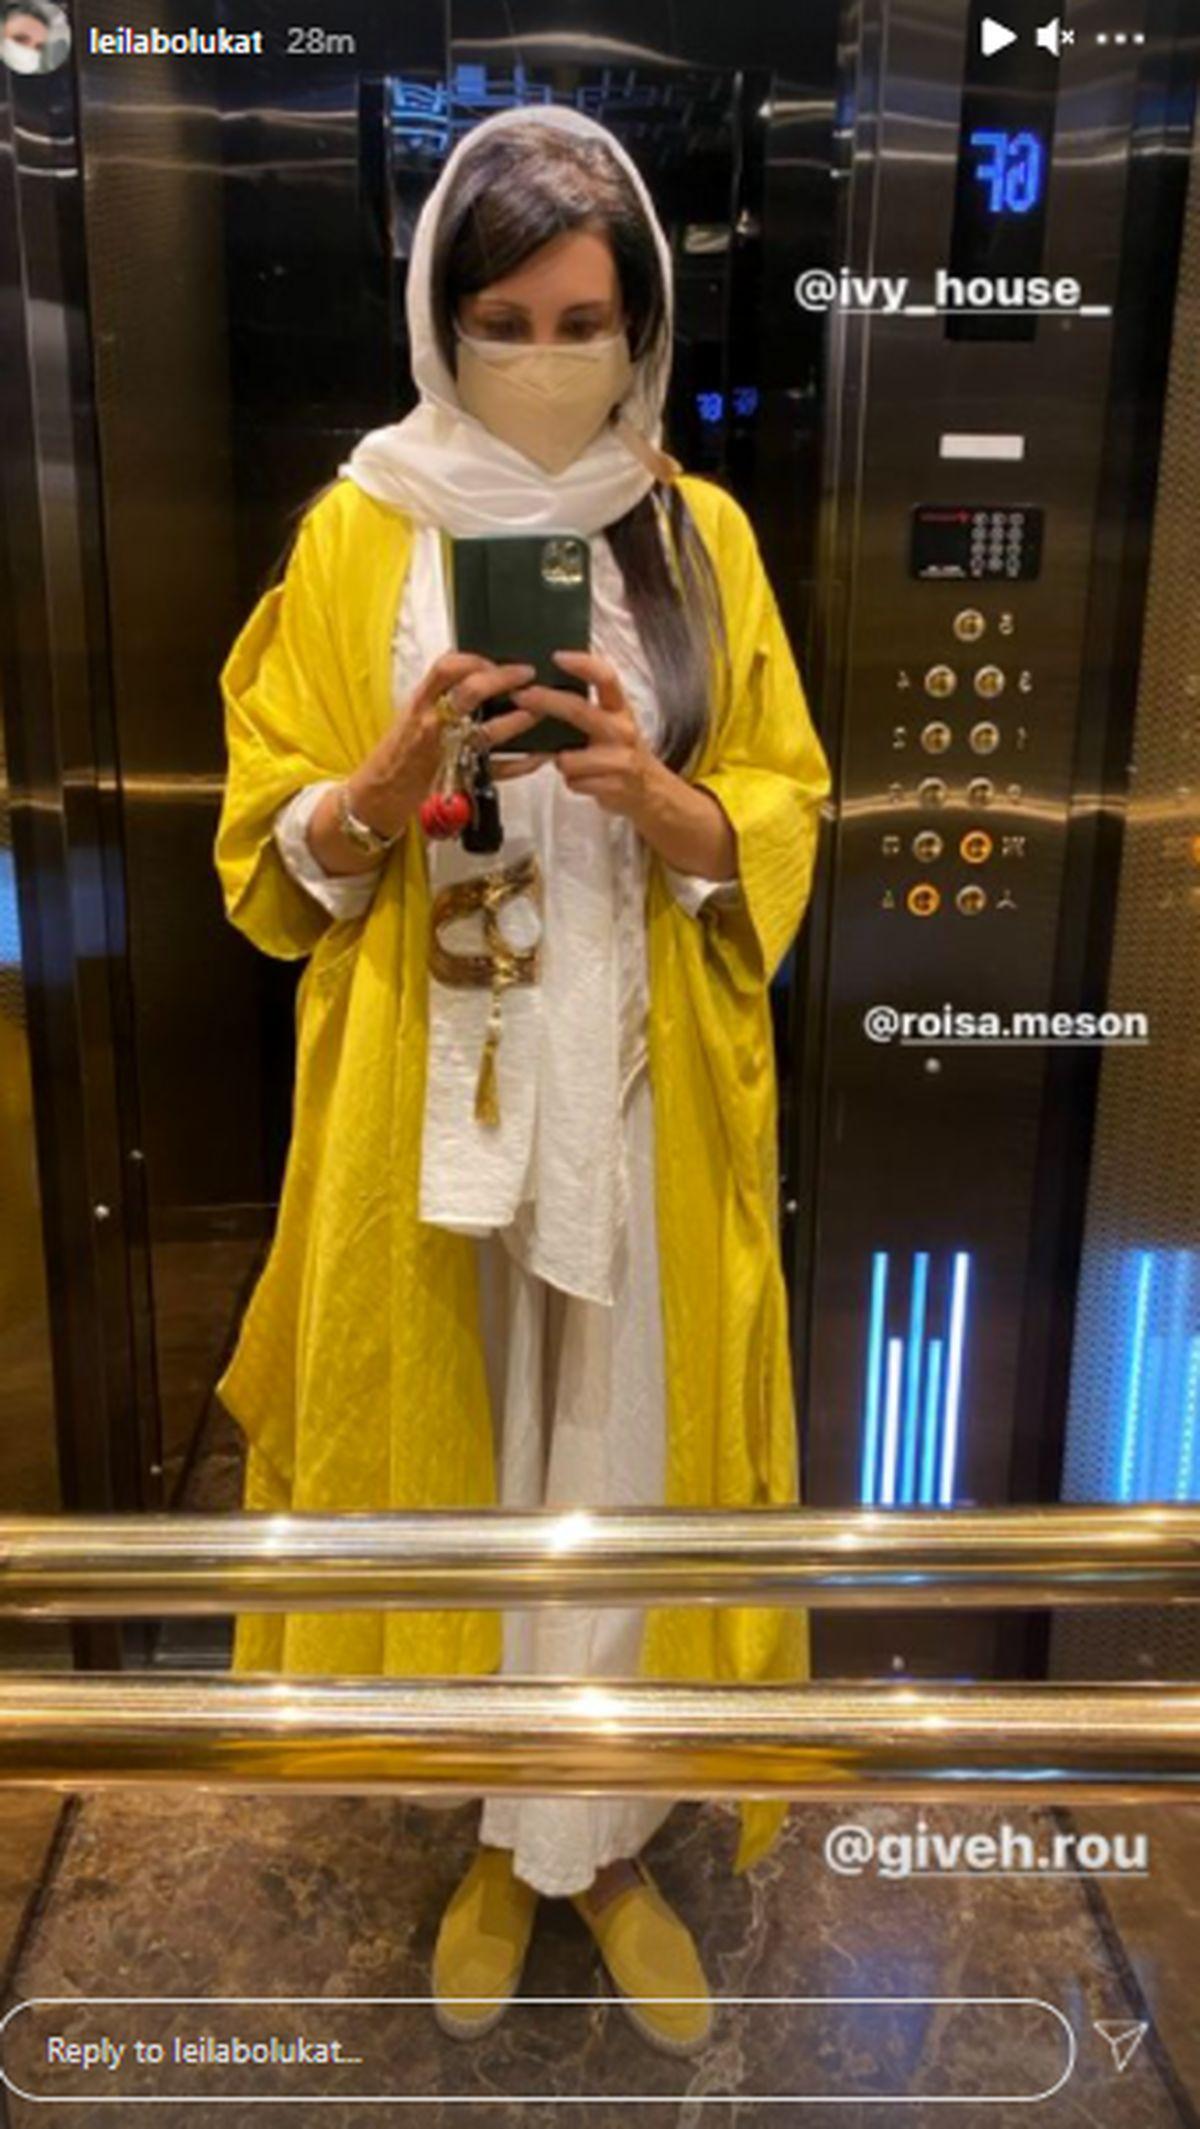 لیلا بلوکات با موهای باز و بلند در آسانسور + عکس